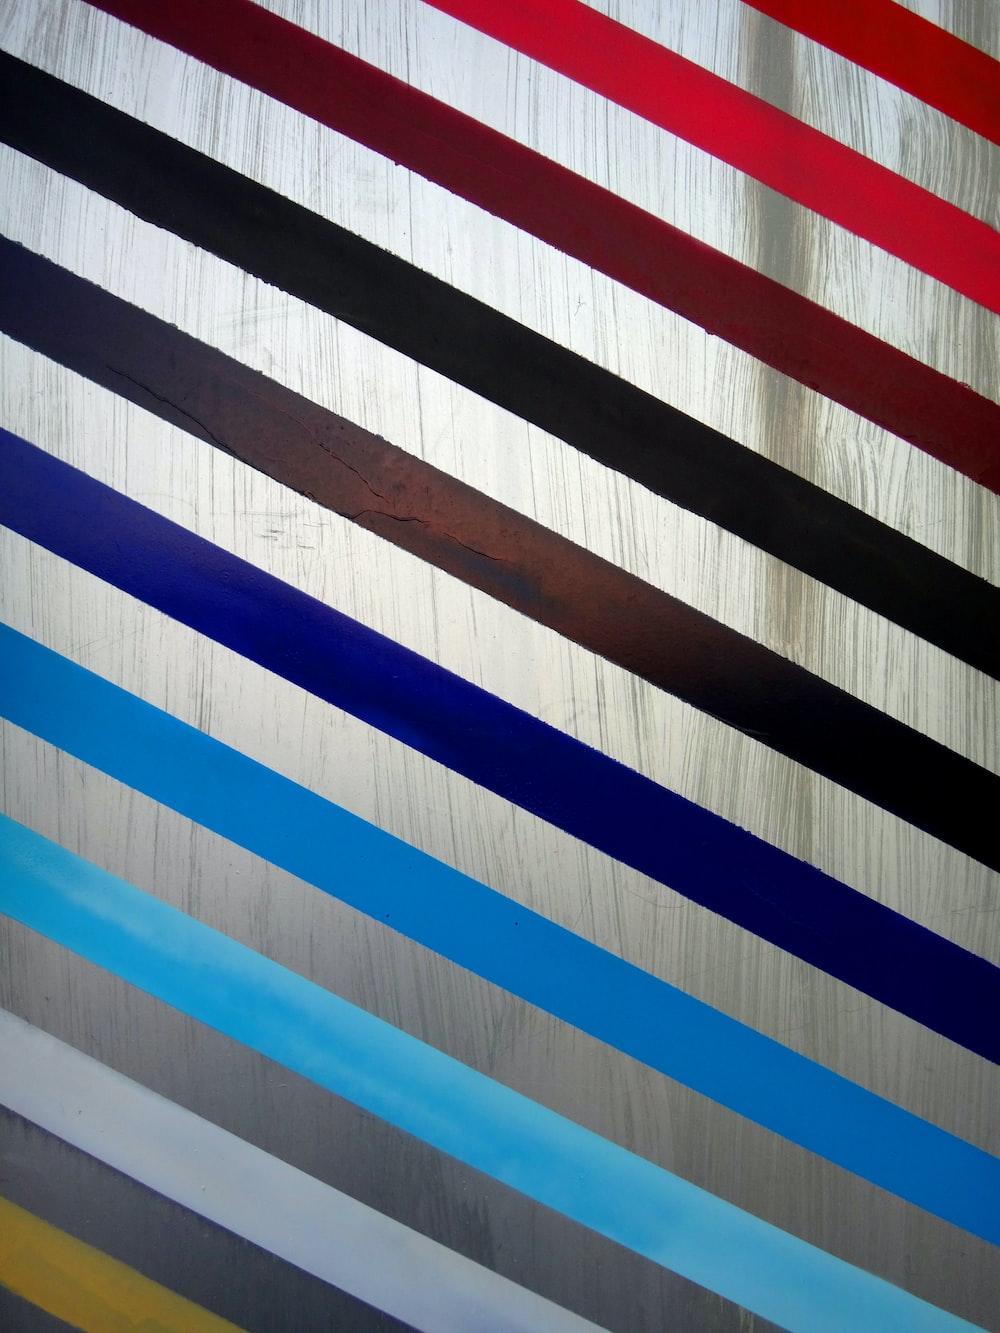 multicolored striped panel